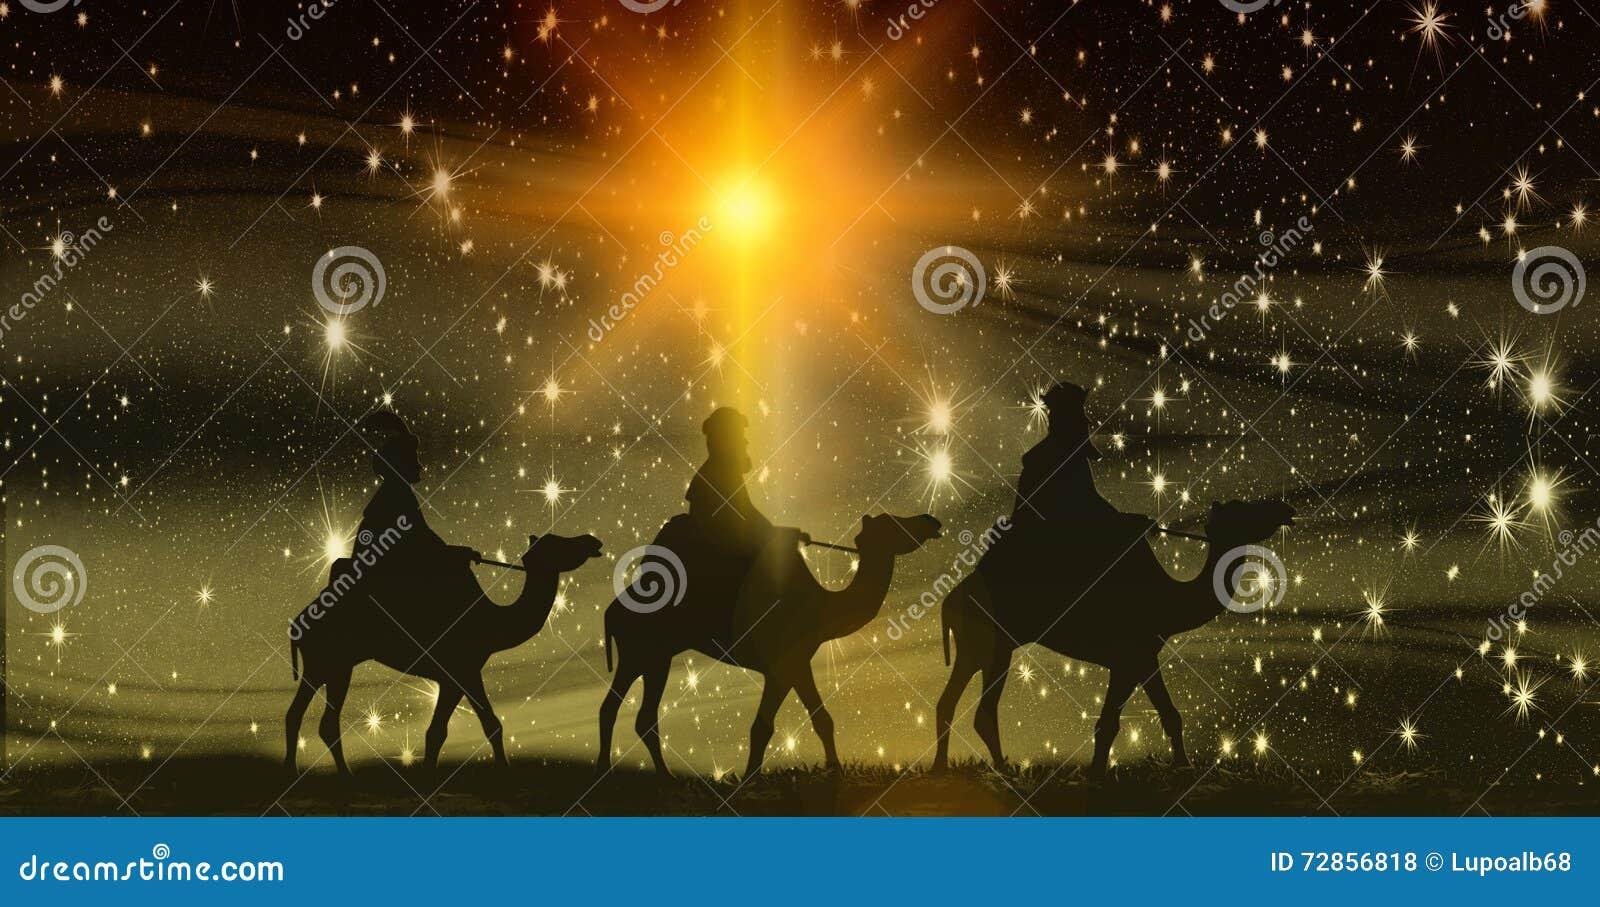 Χριστούγεννα, Epiphany, τρεις βασιλιάδες στις καμήλες, υπόβαθρο με τα αστέρια